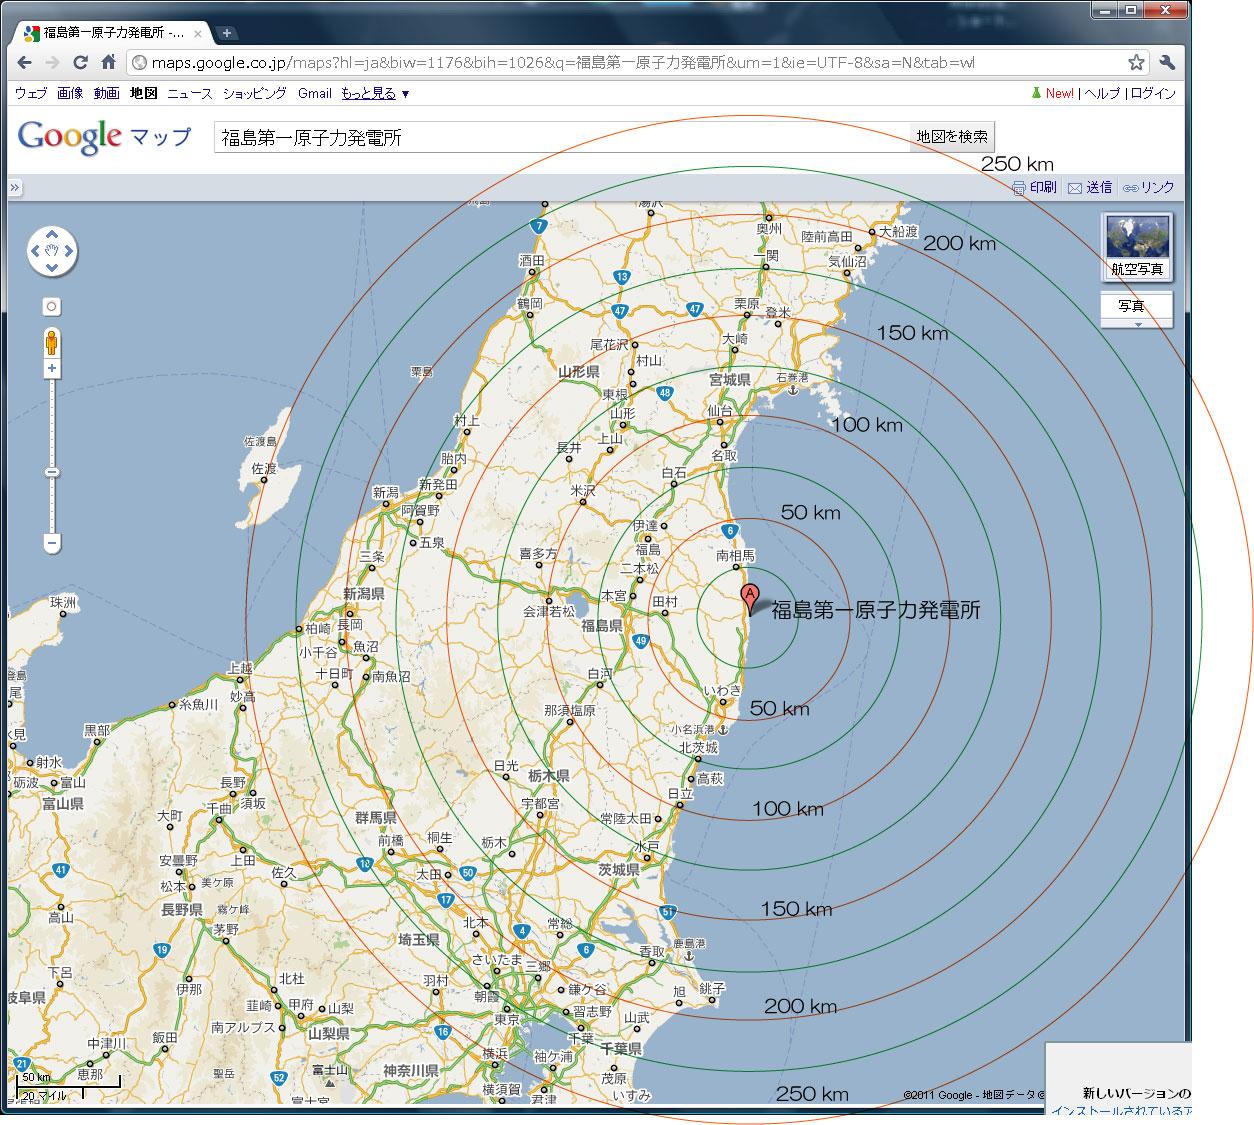 原発からの距離 : 日本 河川 地図 : 日本